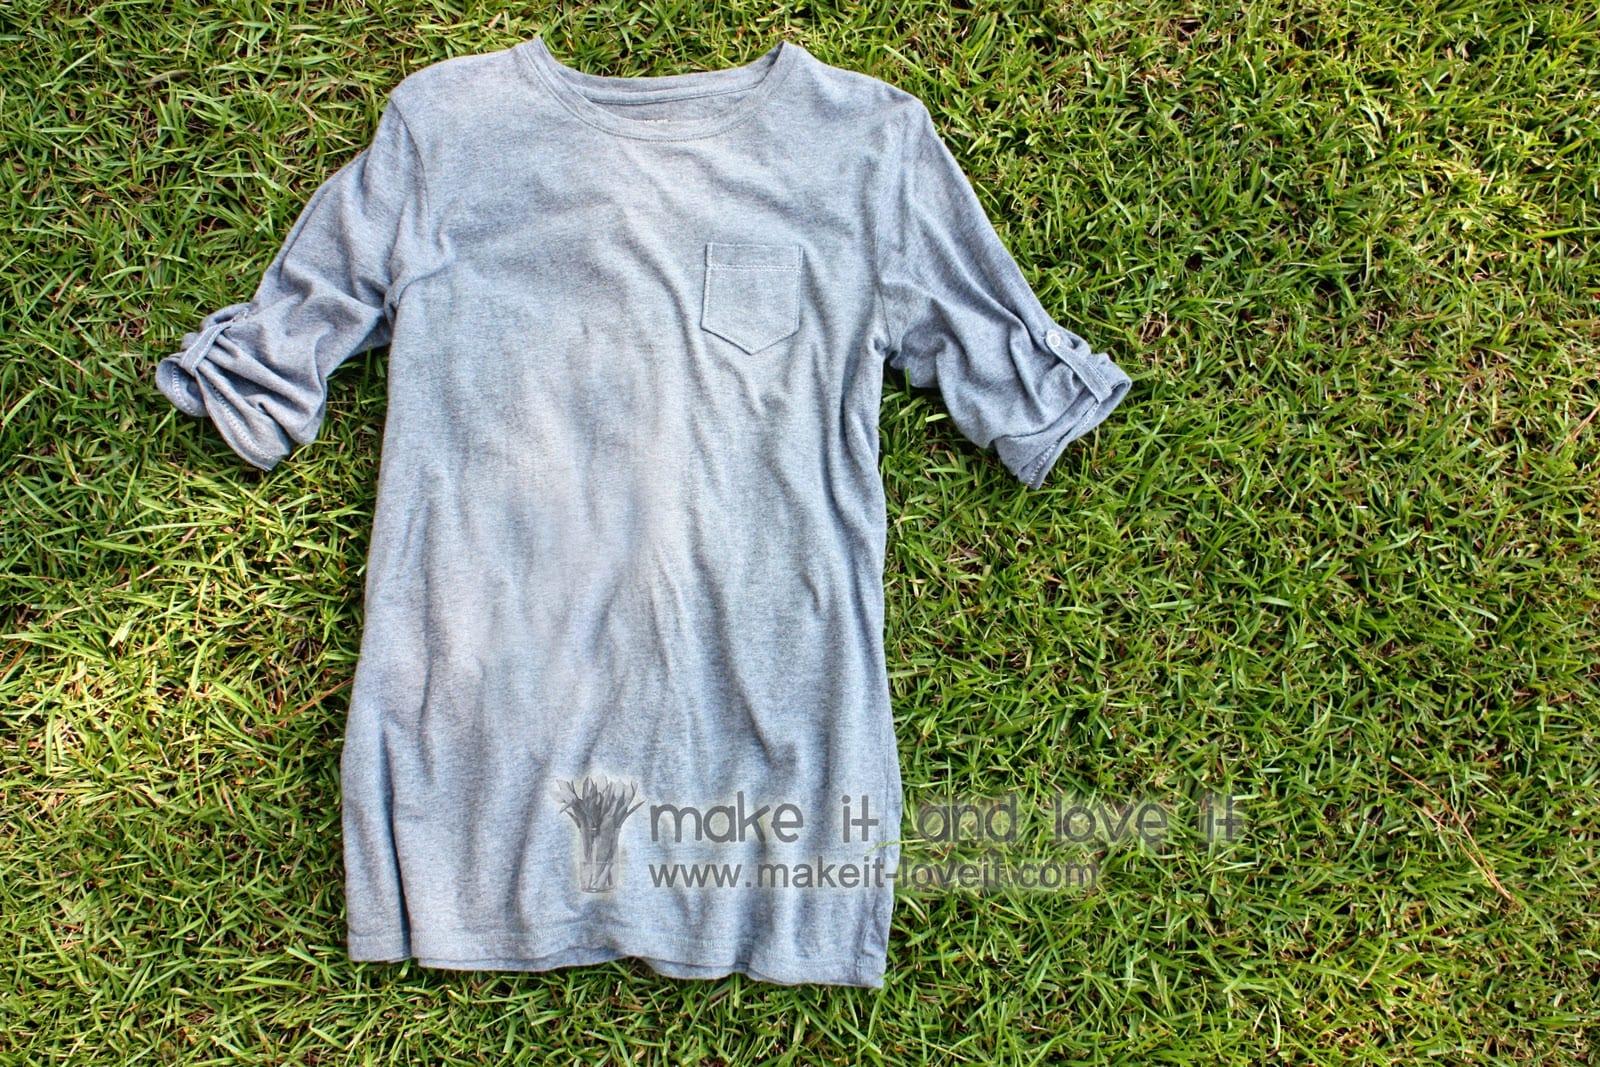 Re-purposing: Women's Long Sleeved Shirt Into Short